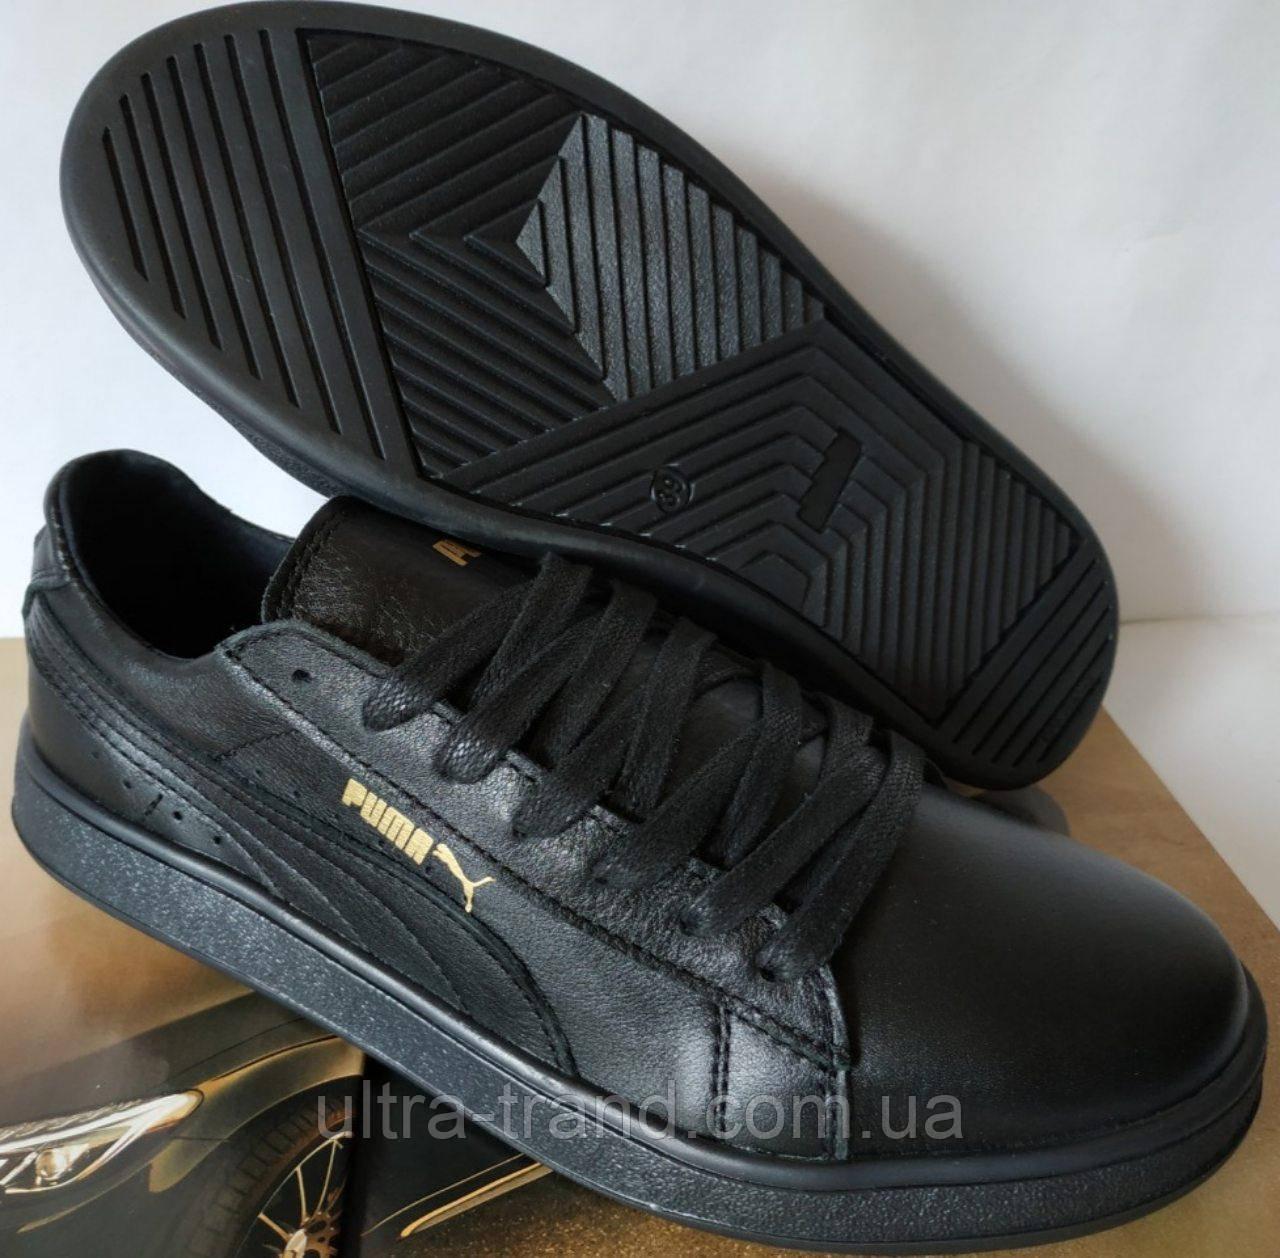 Puma classic! кроссовки кеды пума детские из черной натуральной кожи для девочек и мальчиков!